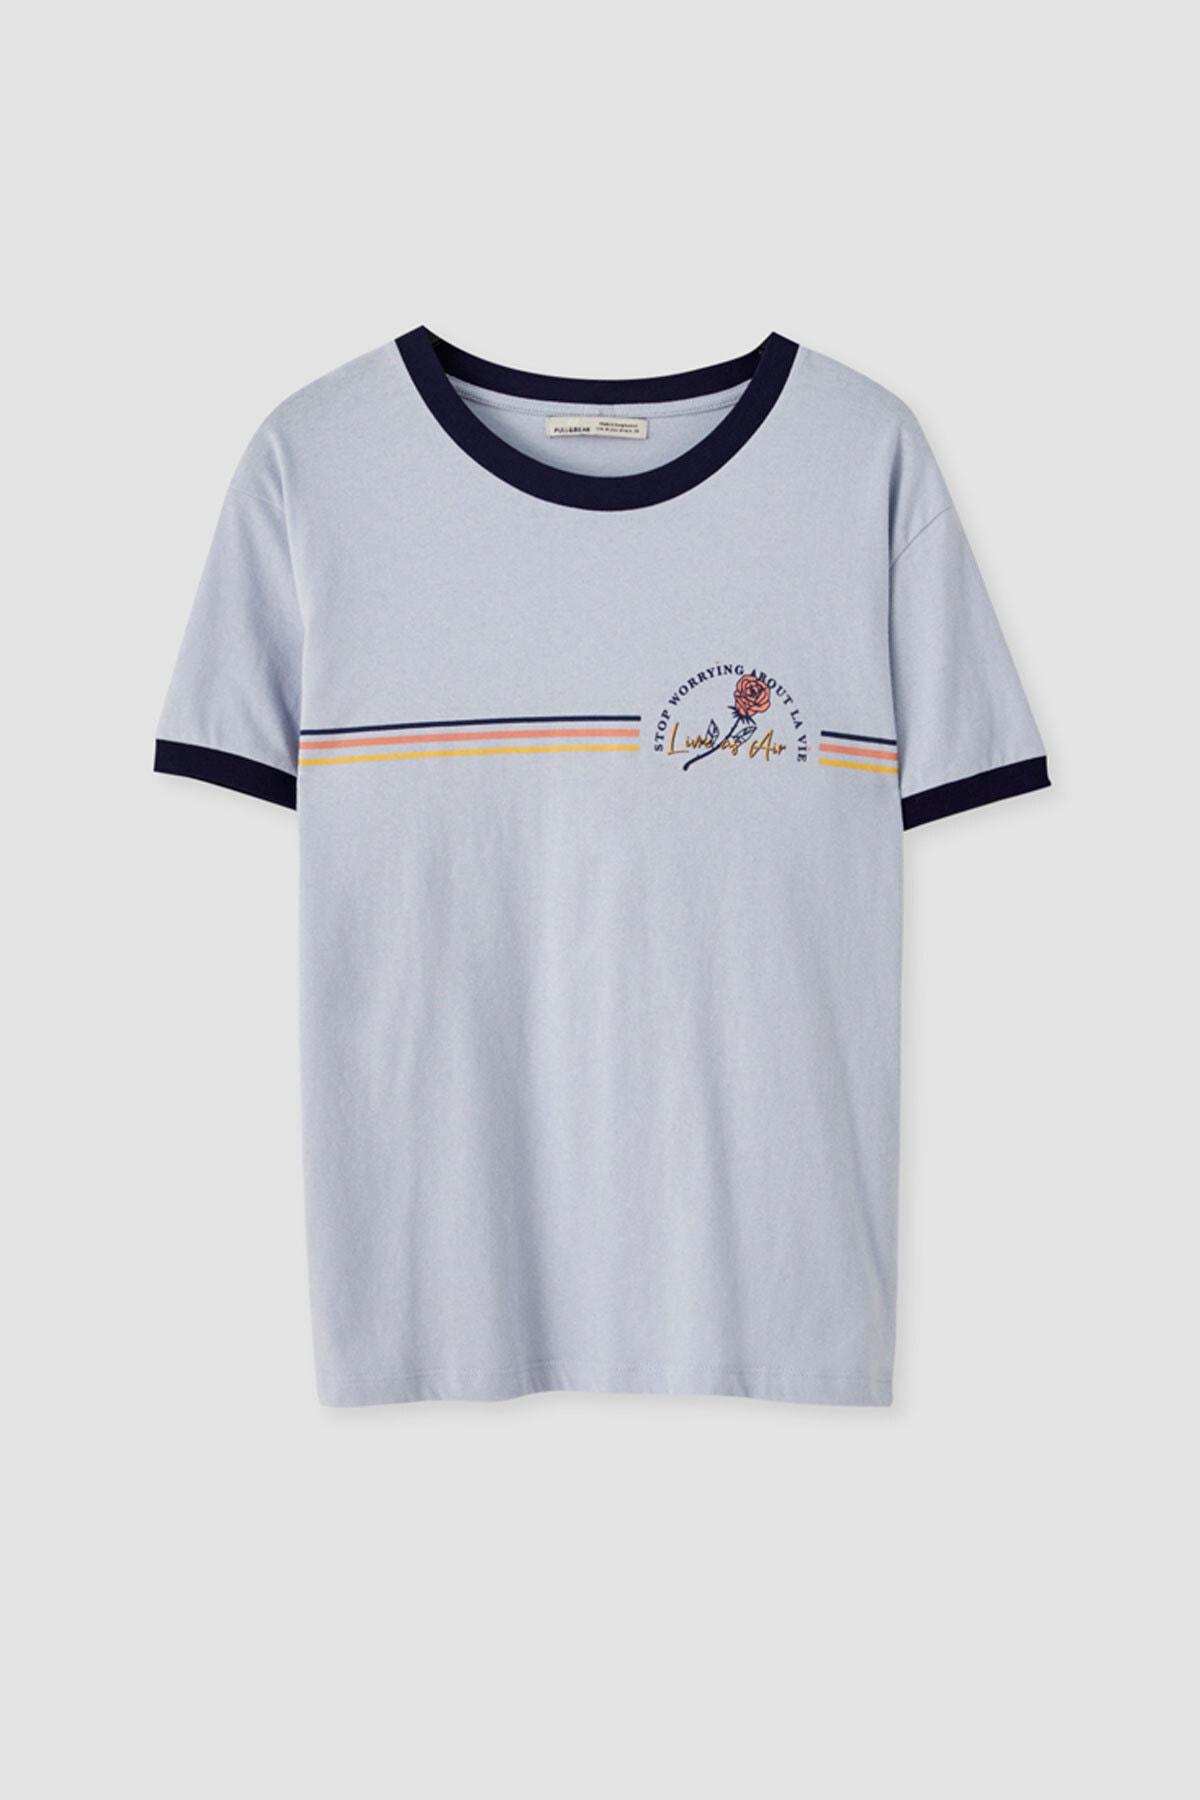 Pull & Bear Kadın Pastel Mavi Gökkuşağı Görselli Fitilli T-Shirt 05236383